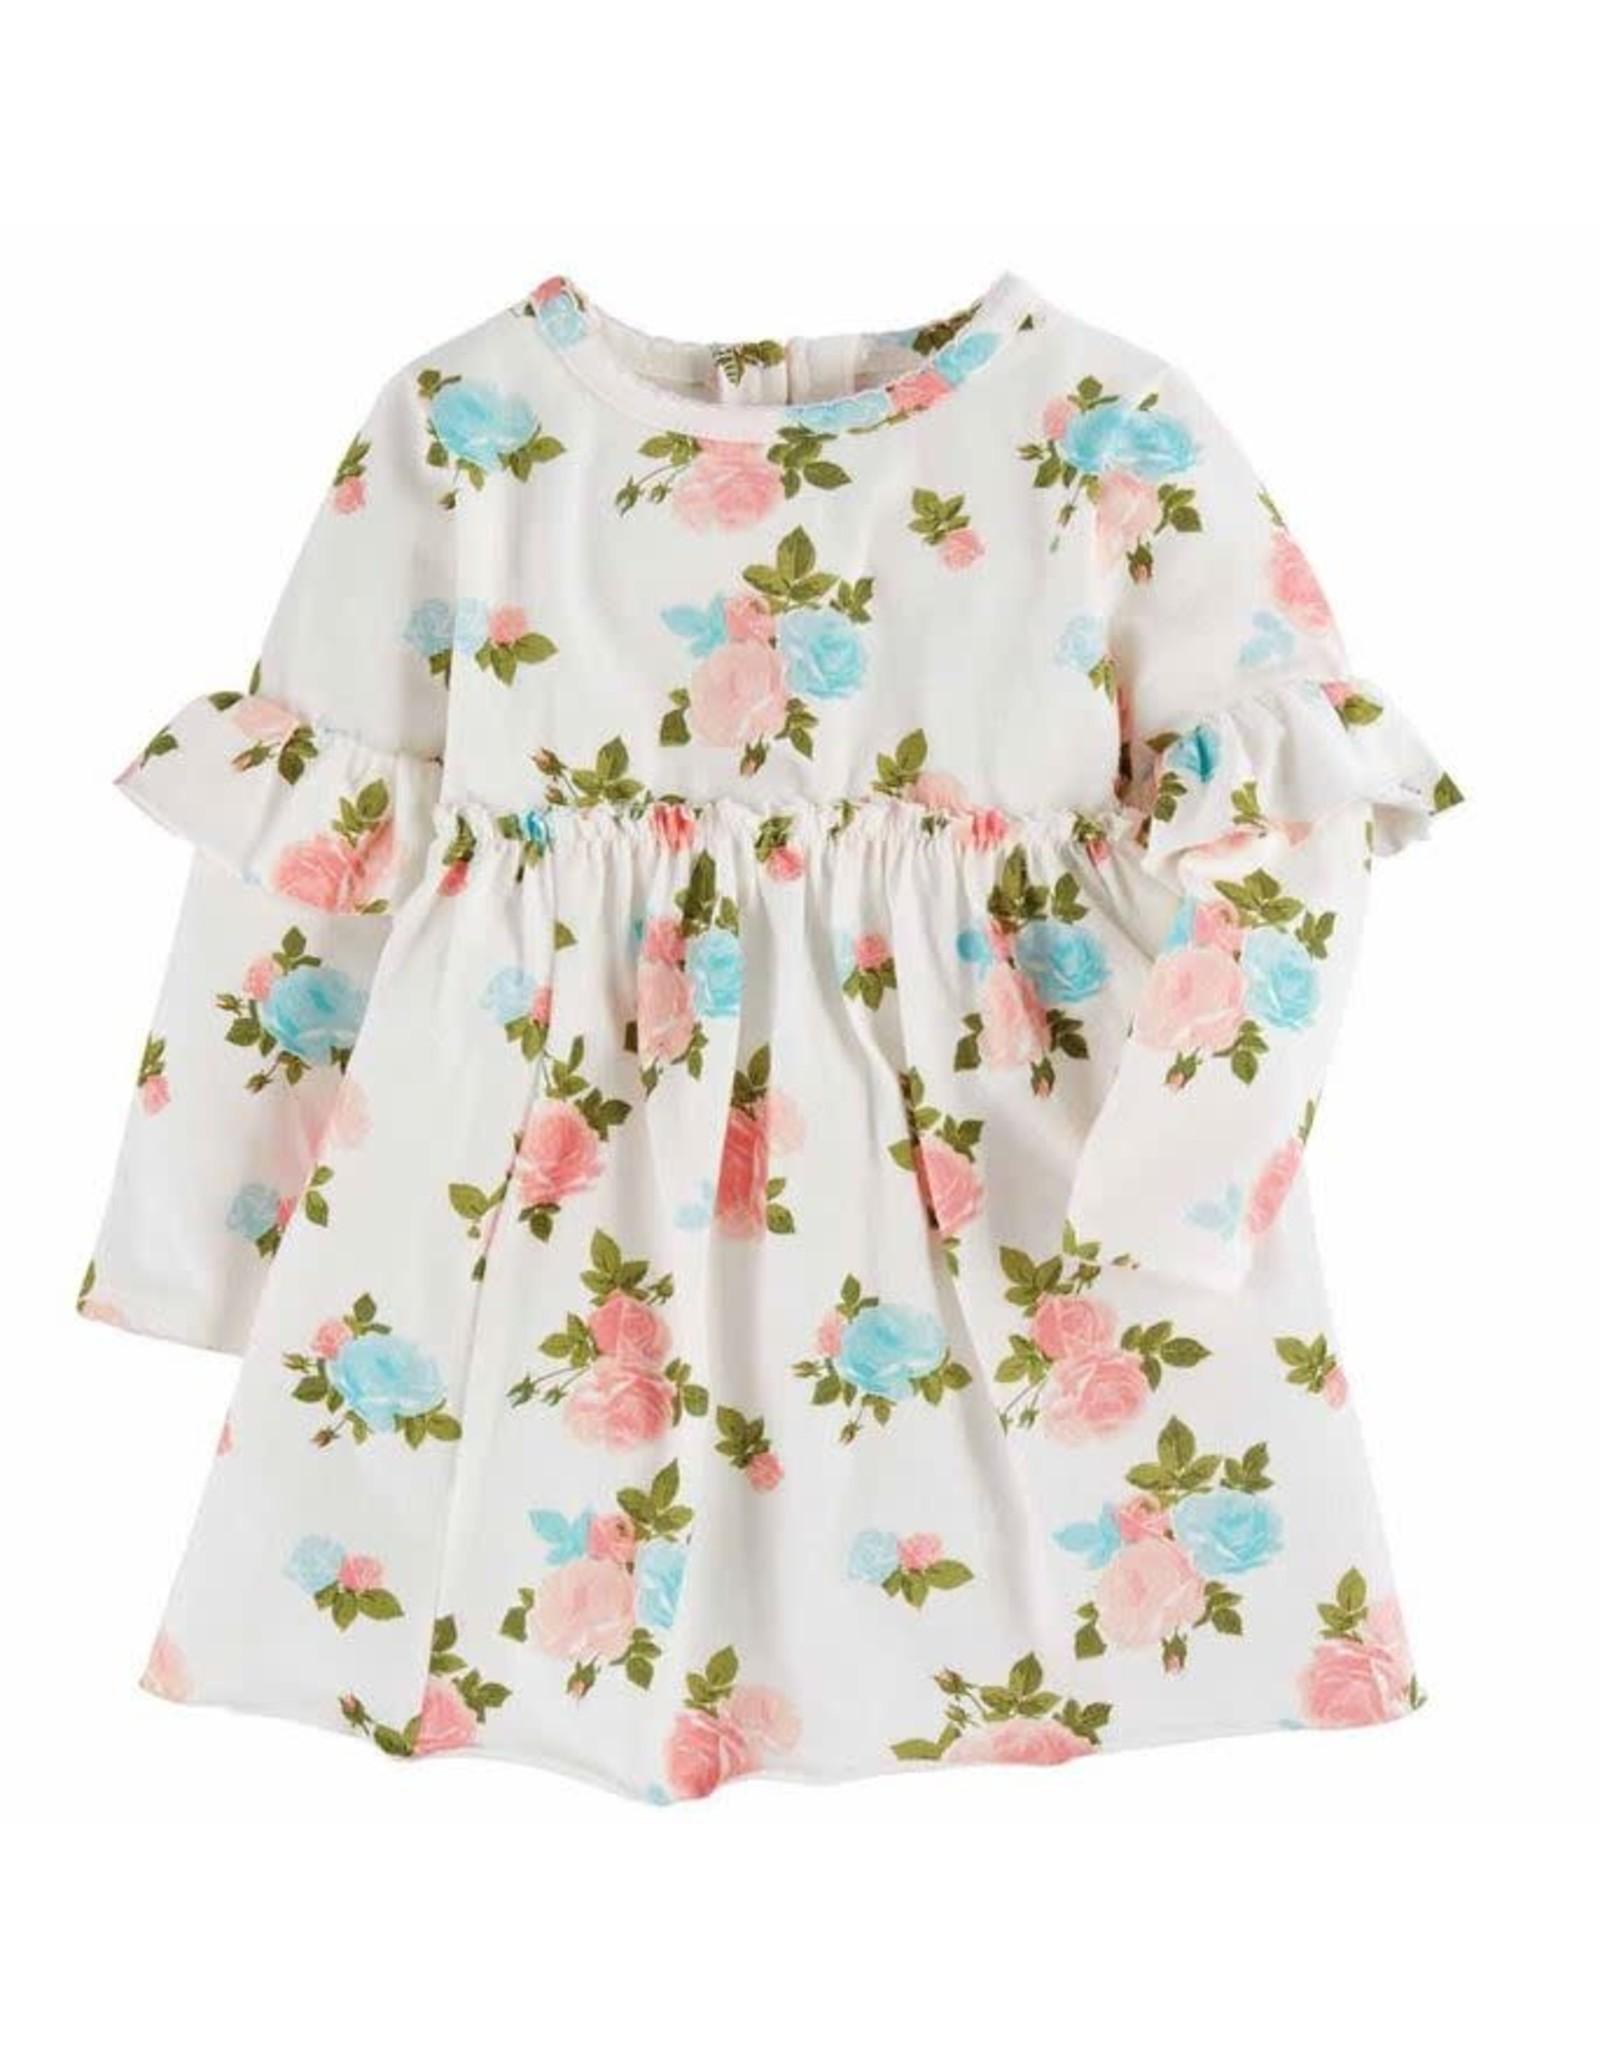 Mudpie Mud Pie- Rose Floral Infant Dress